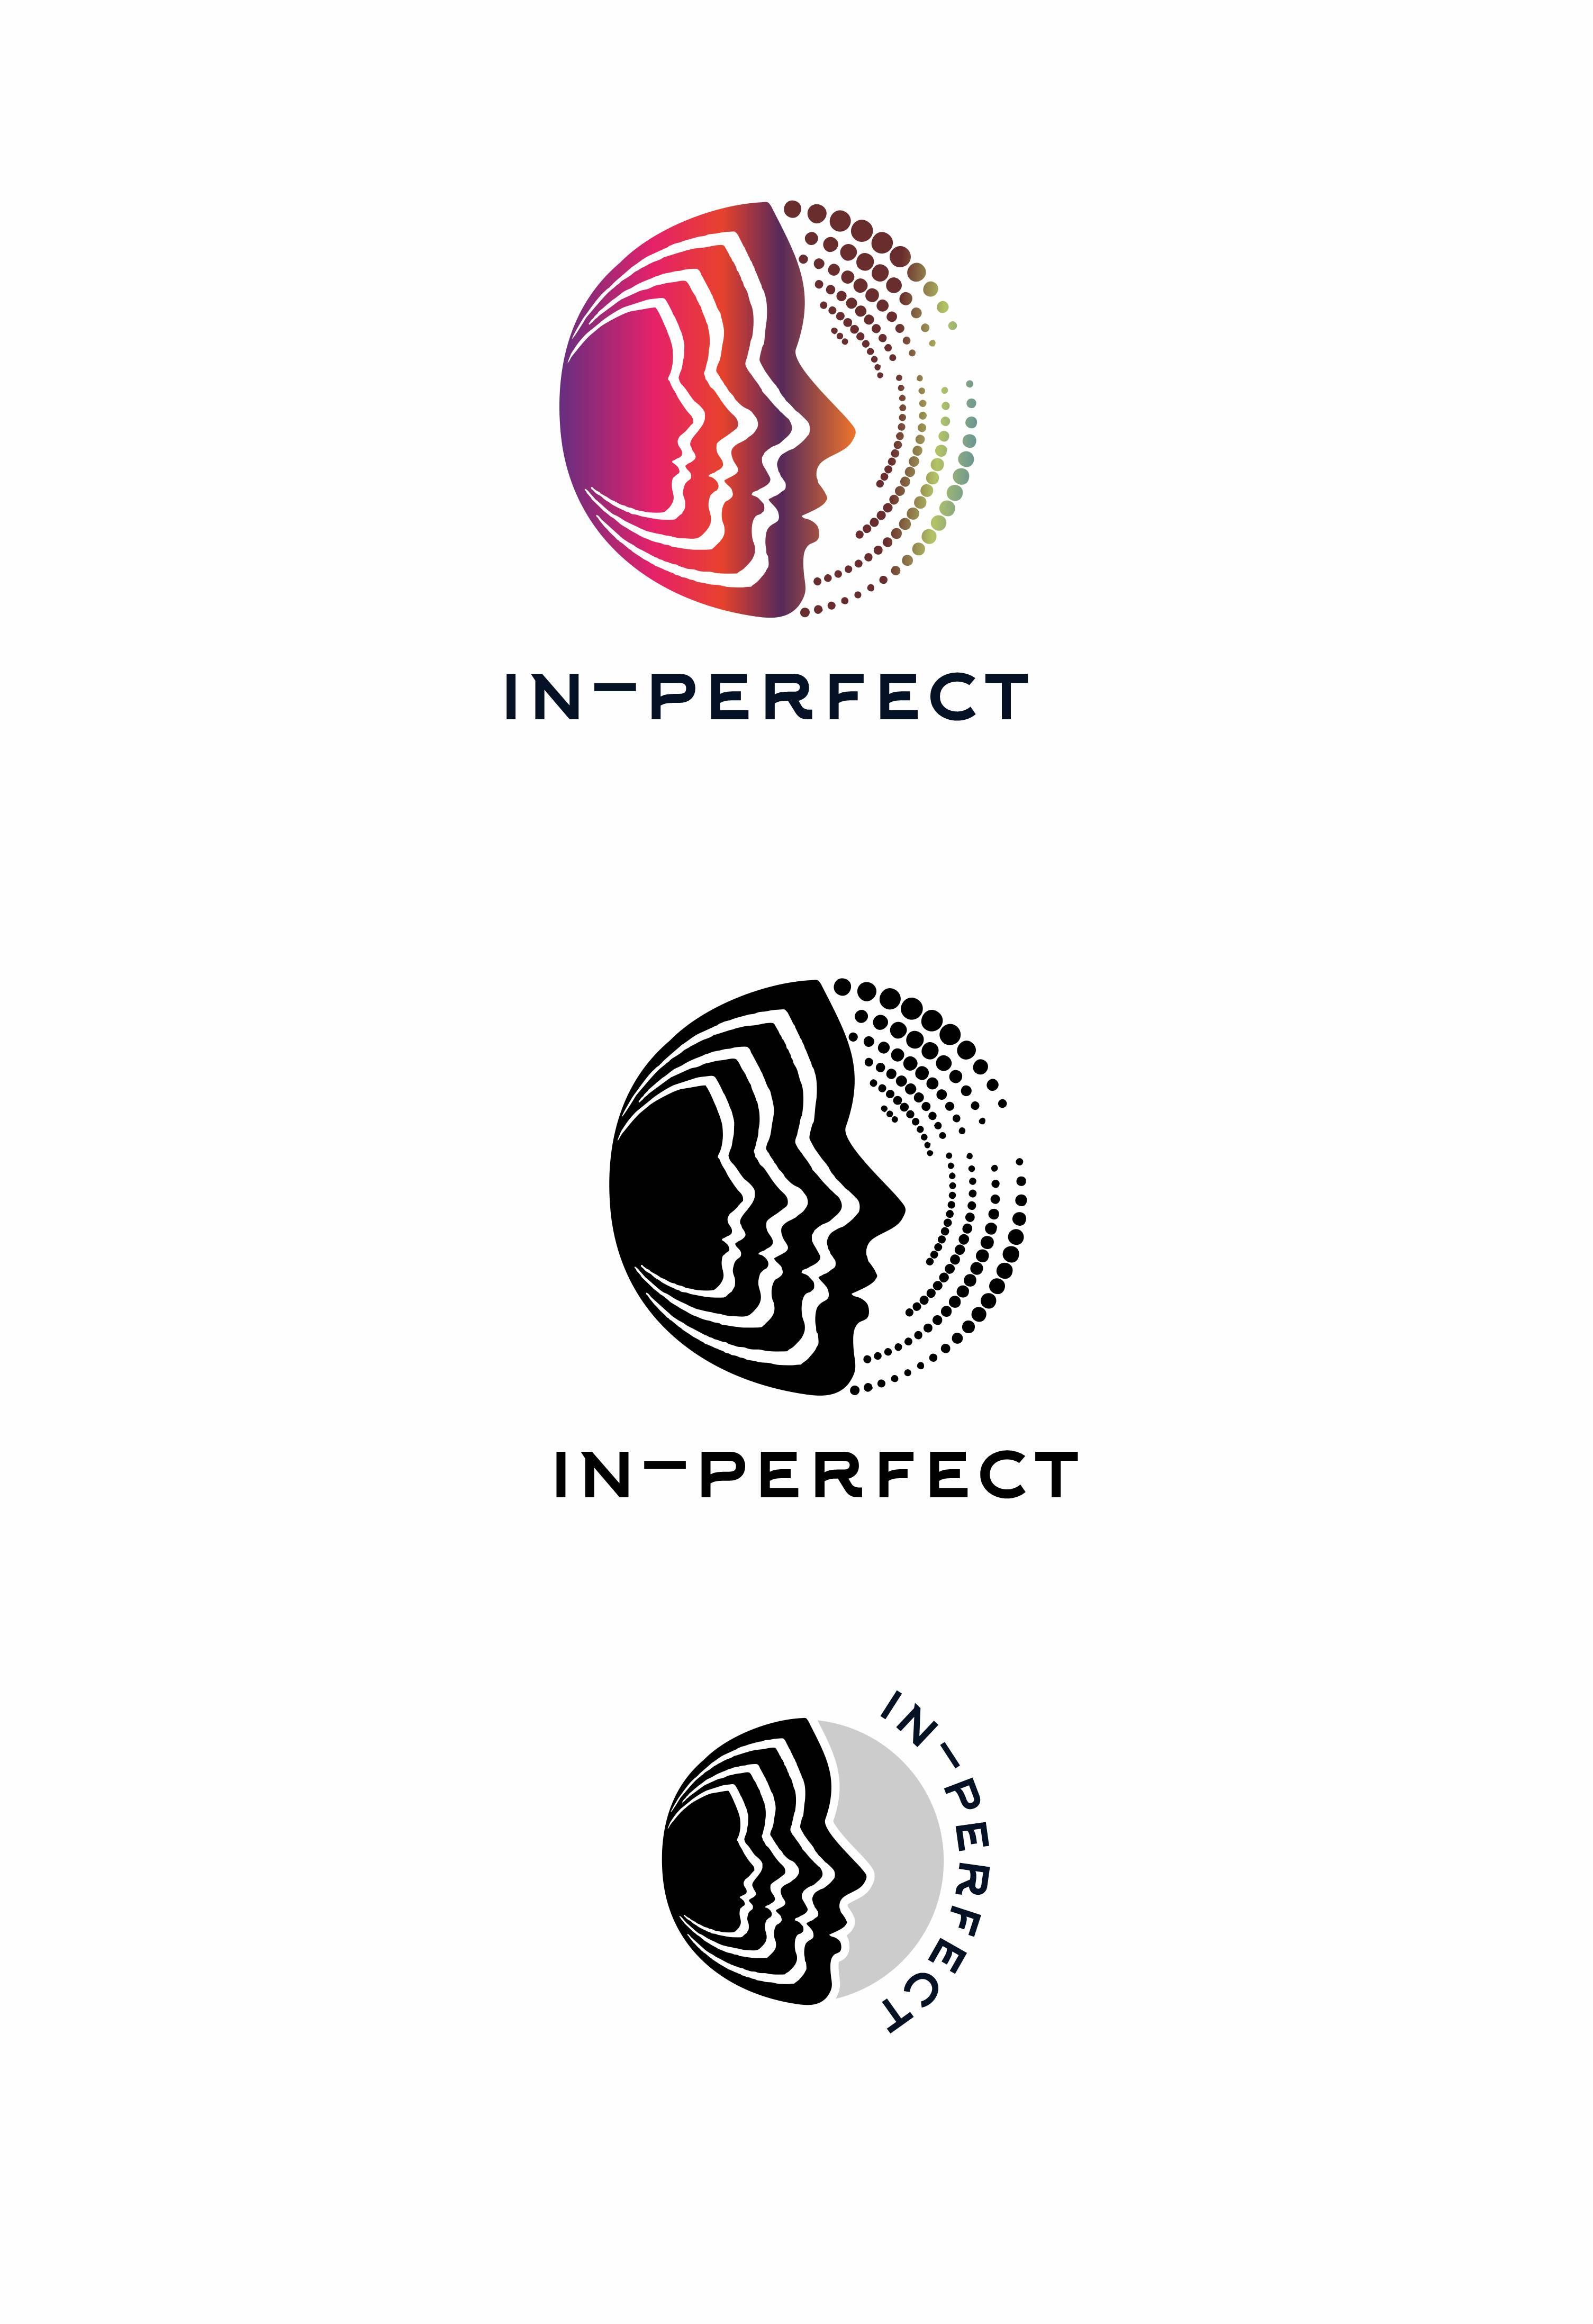 Необходимо доработать логотип In-perfect фото f_6495f1cfa4d55d33.jpg